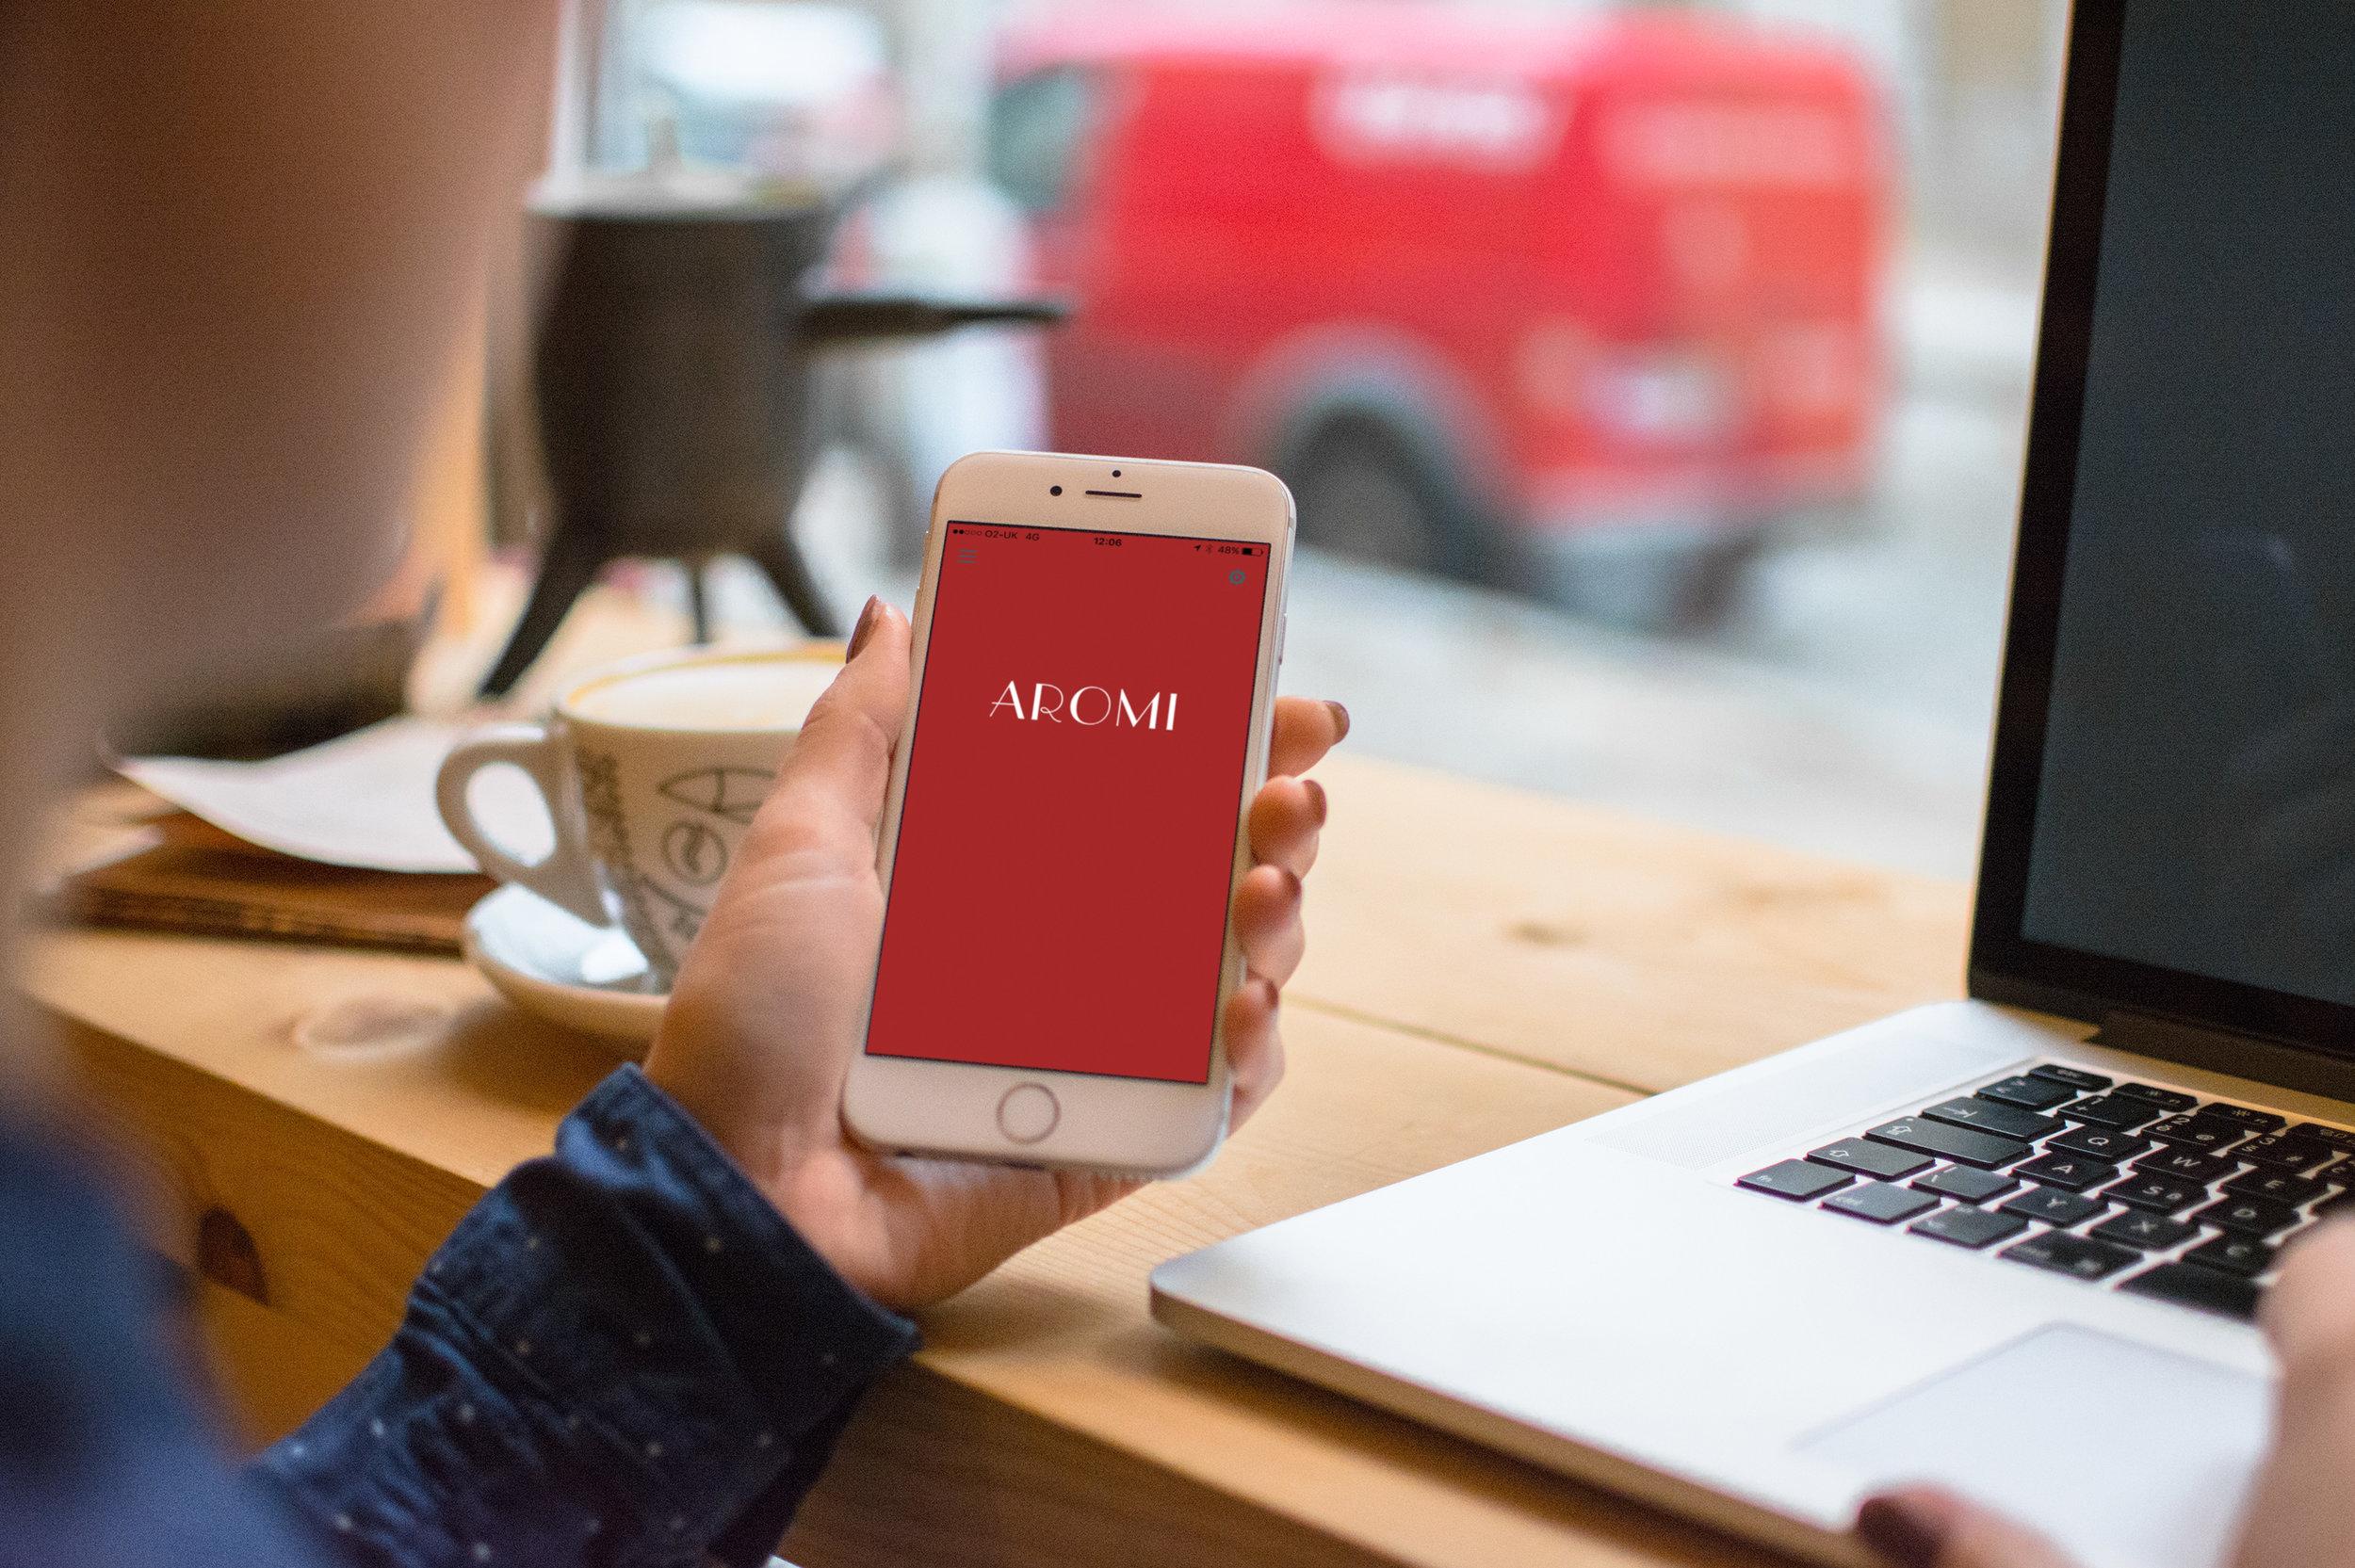 Iphone-Mock-Up-Aromi.jpg